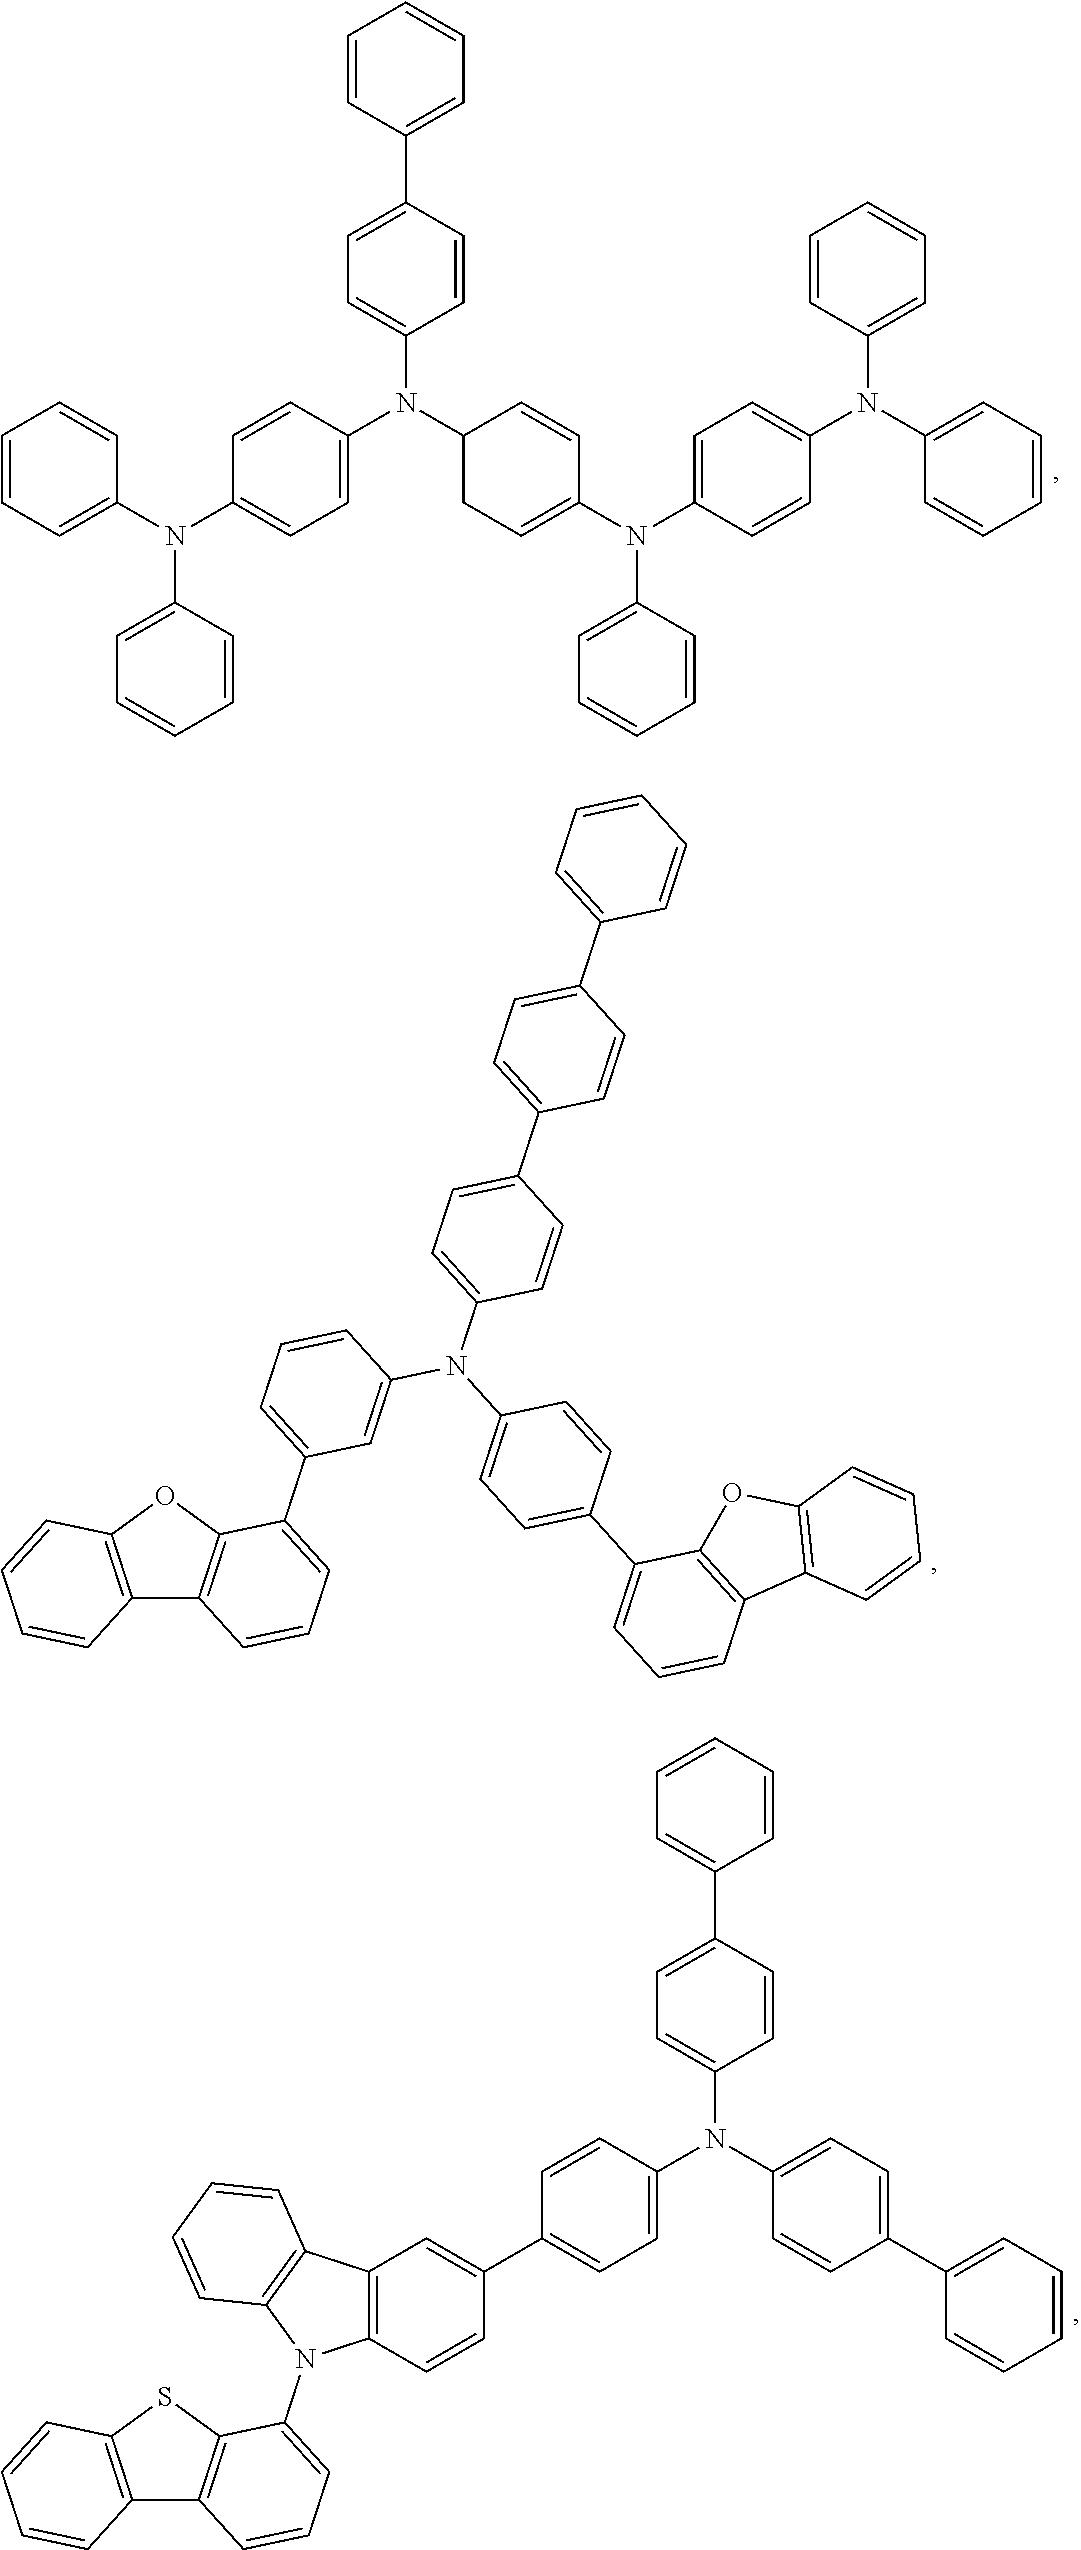 Figure US20190161504A1-20190530-C00030